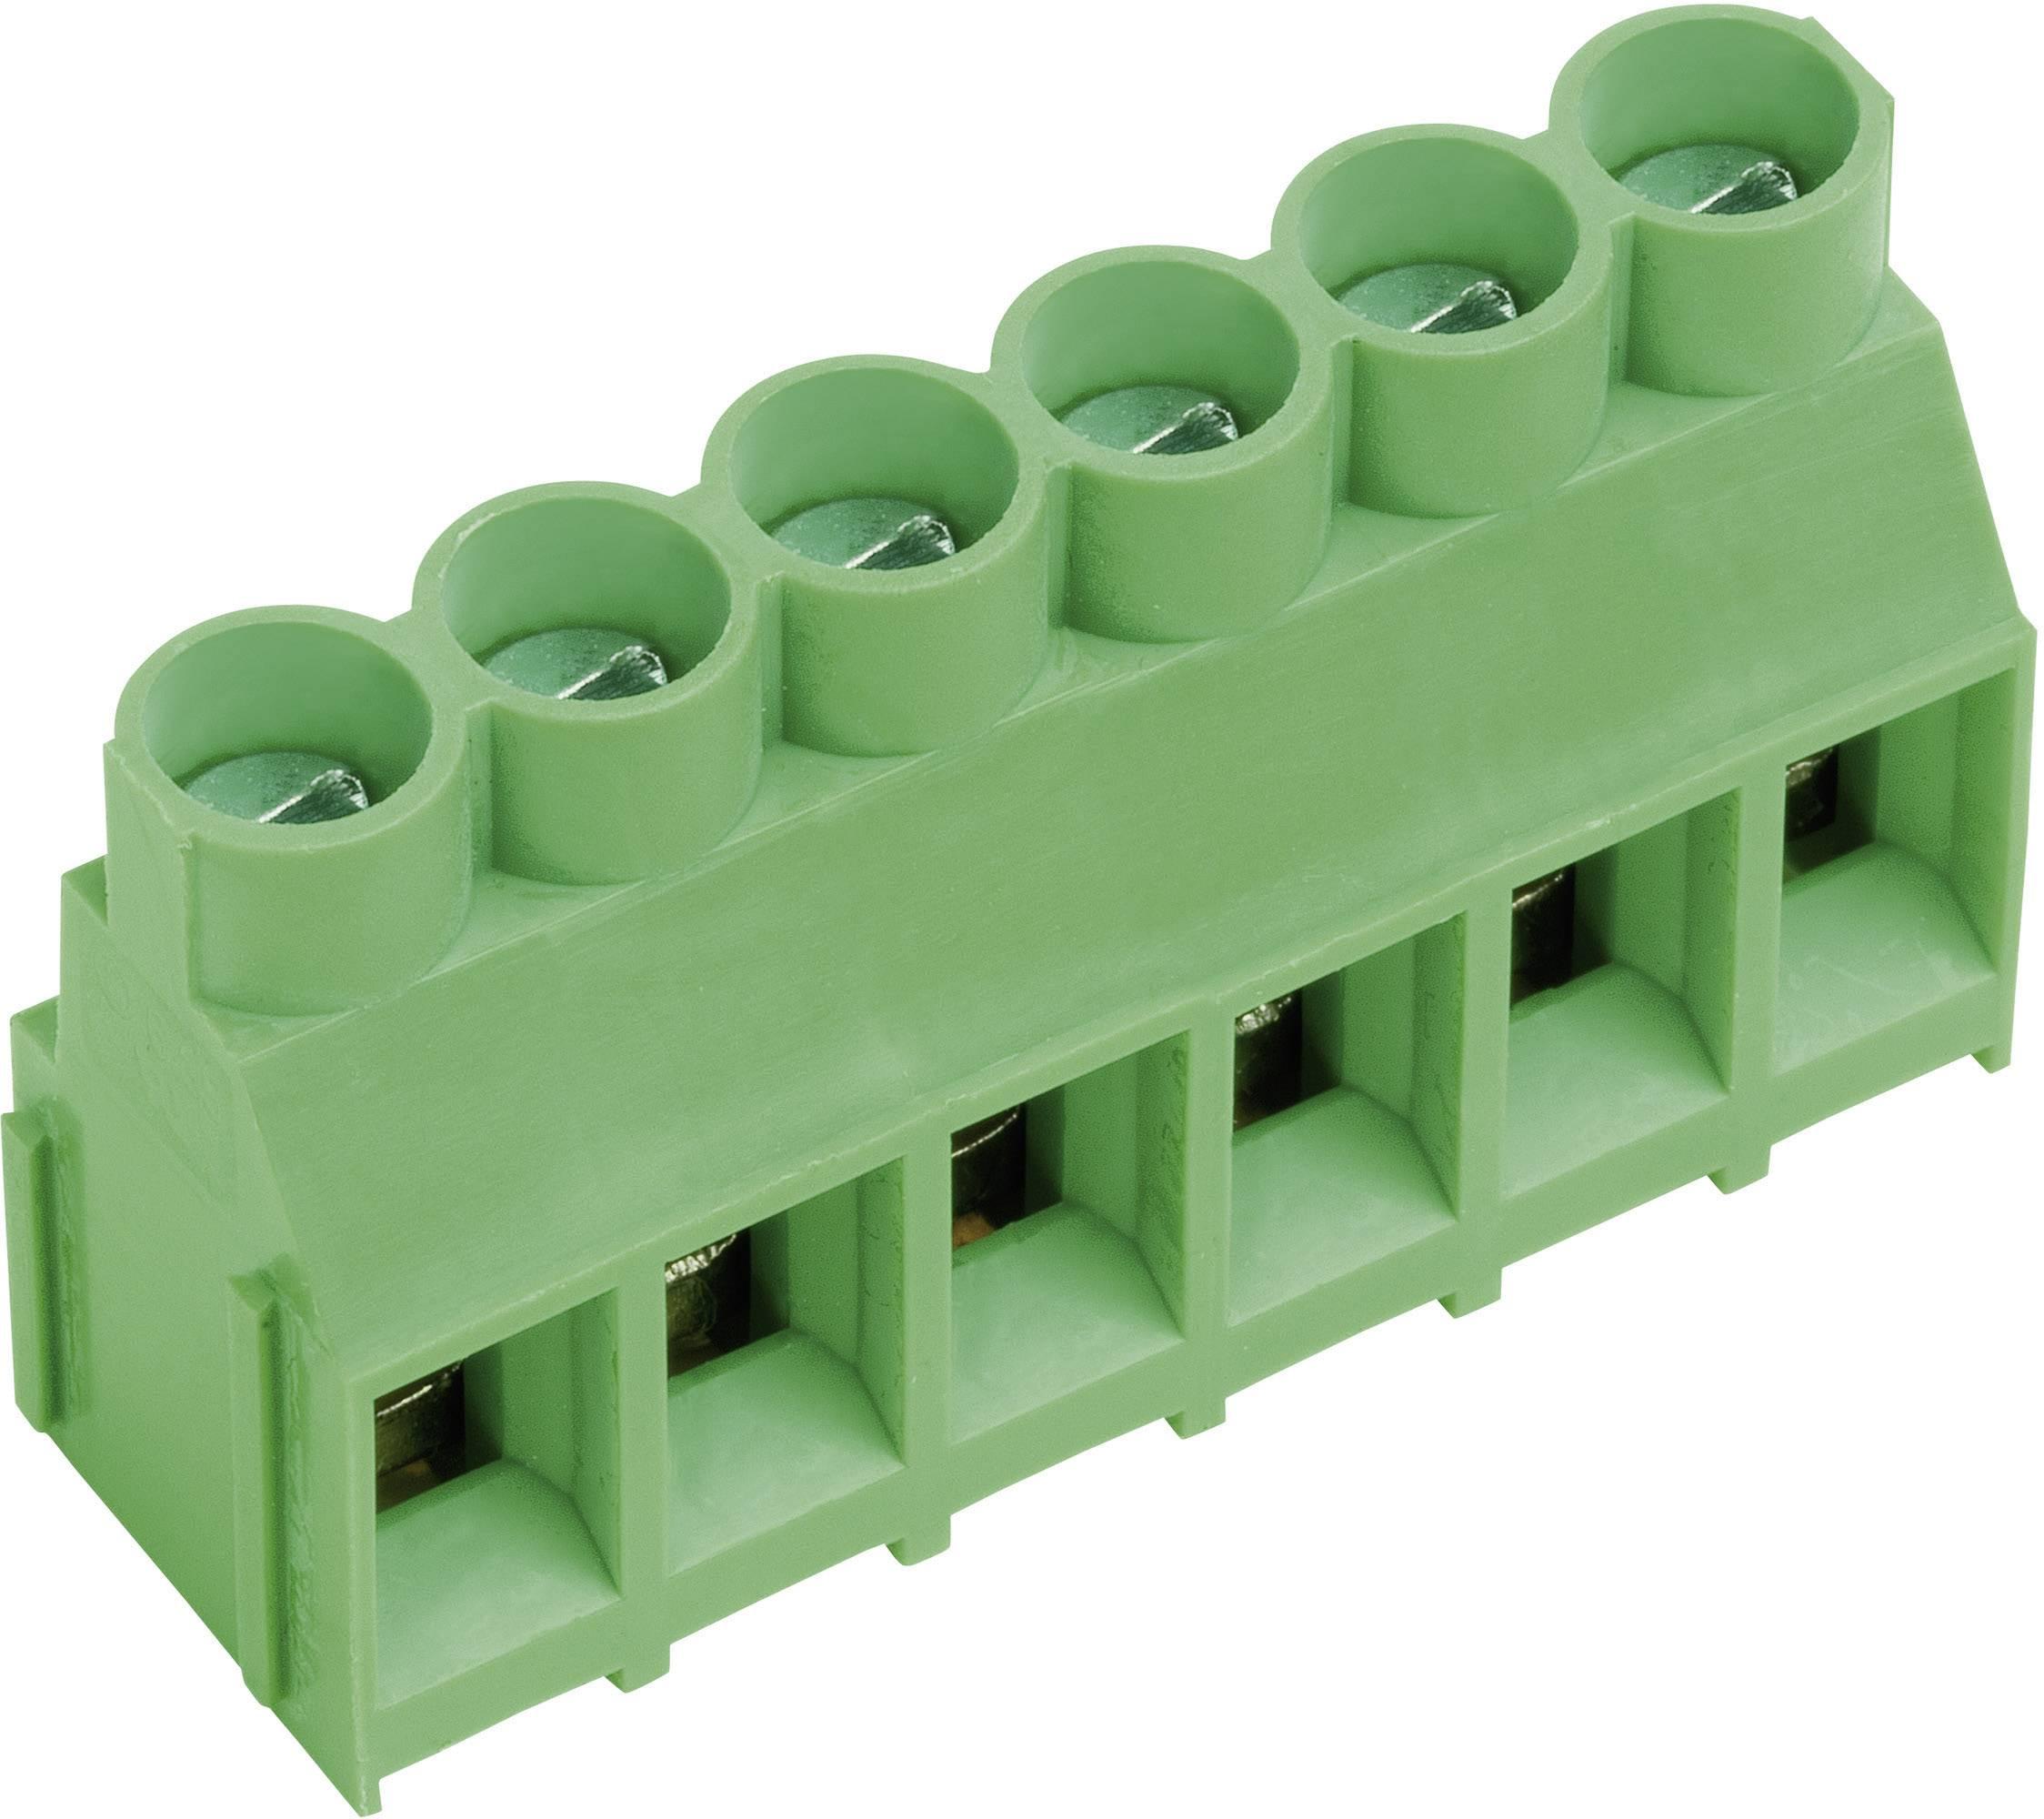 Pájecí šroub. svorka 2nás. AKZ840/2-6.35-V (50840020201D), 6,35 mm, zelená